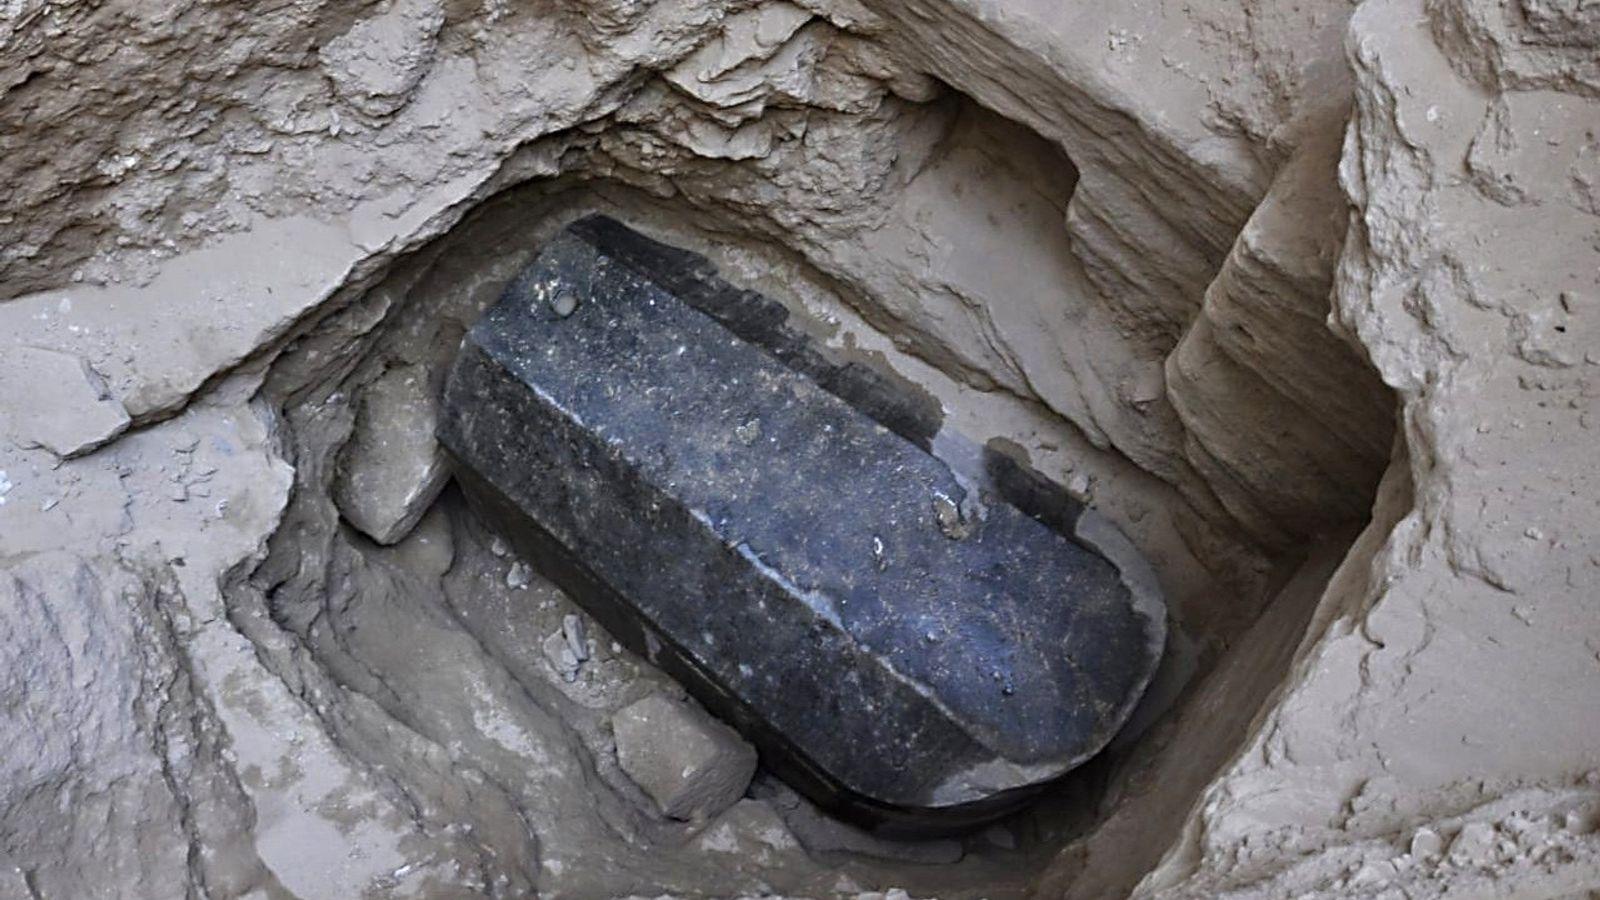 Mais qui peut bien reposer dans ce sarcophage ? Les spéculations vont de bon train sur ...